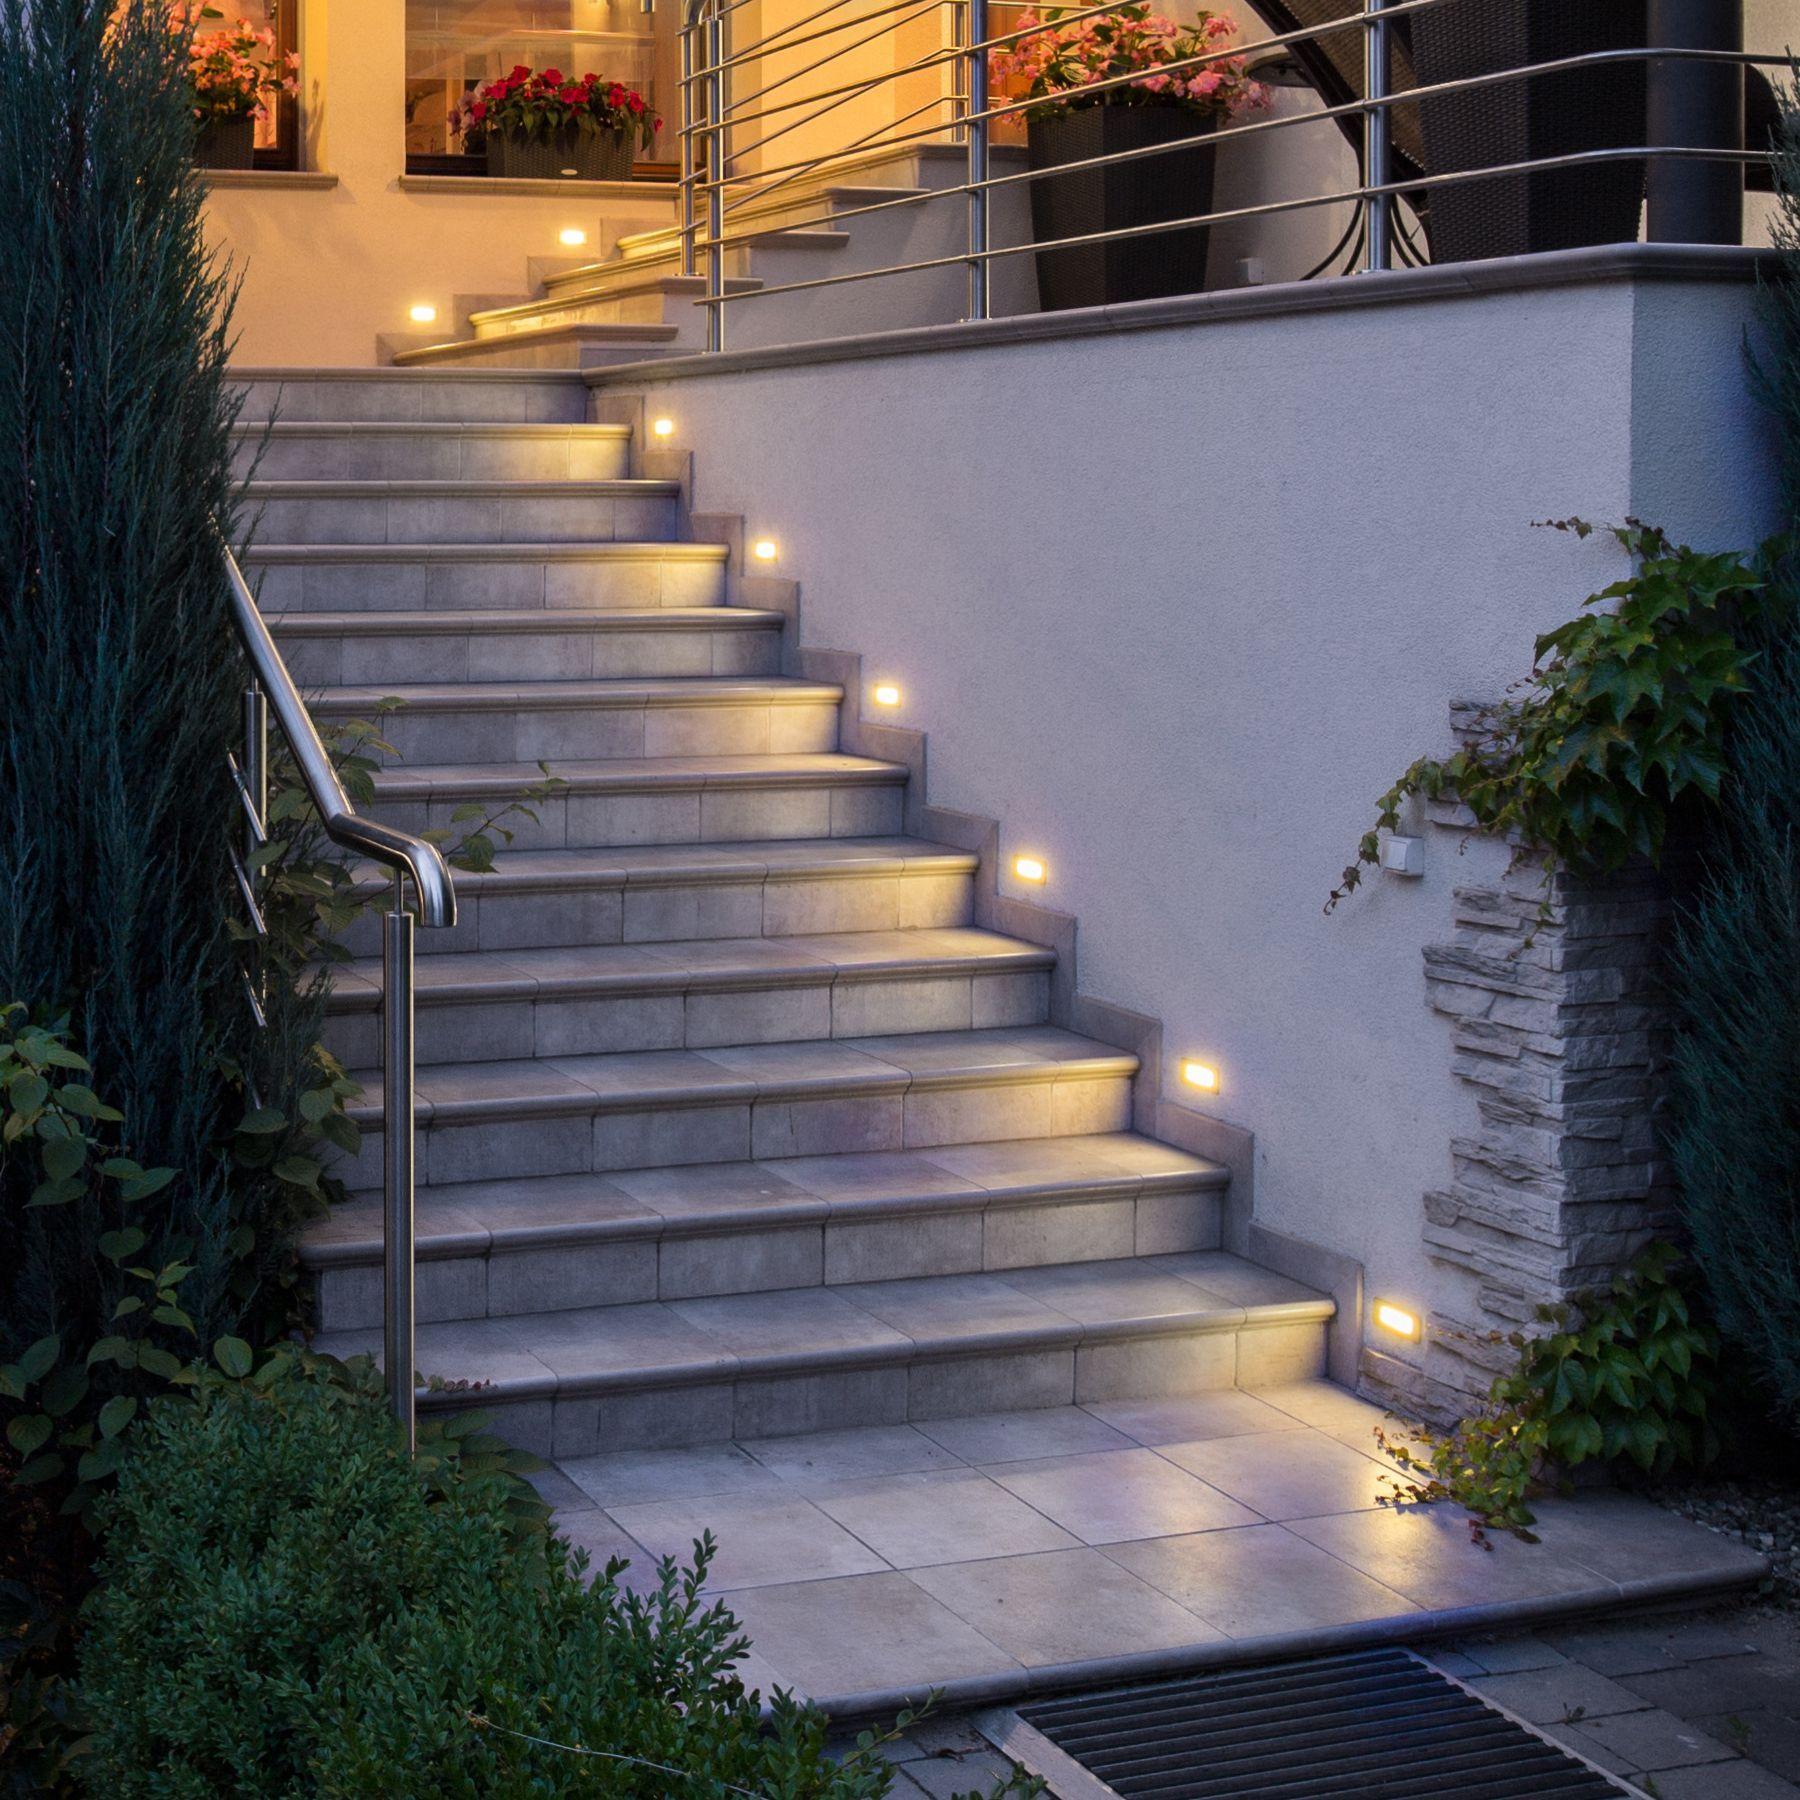 Wegeleuchten Garten Elegant 230v Edelstahl Ip65 Ledeinbauleuchte Lichtfarbe Pikos